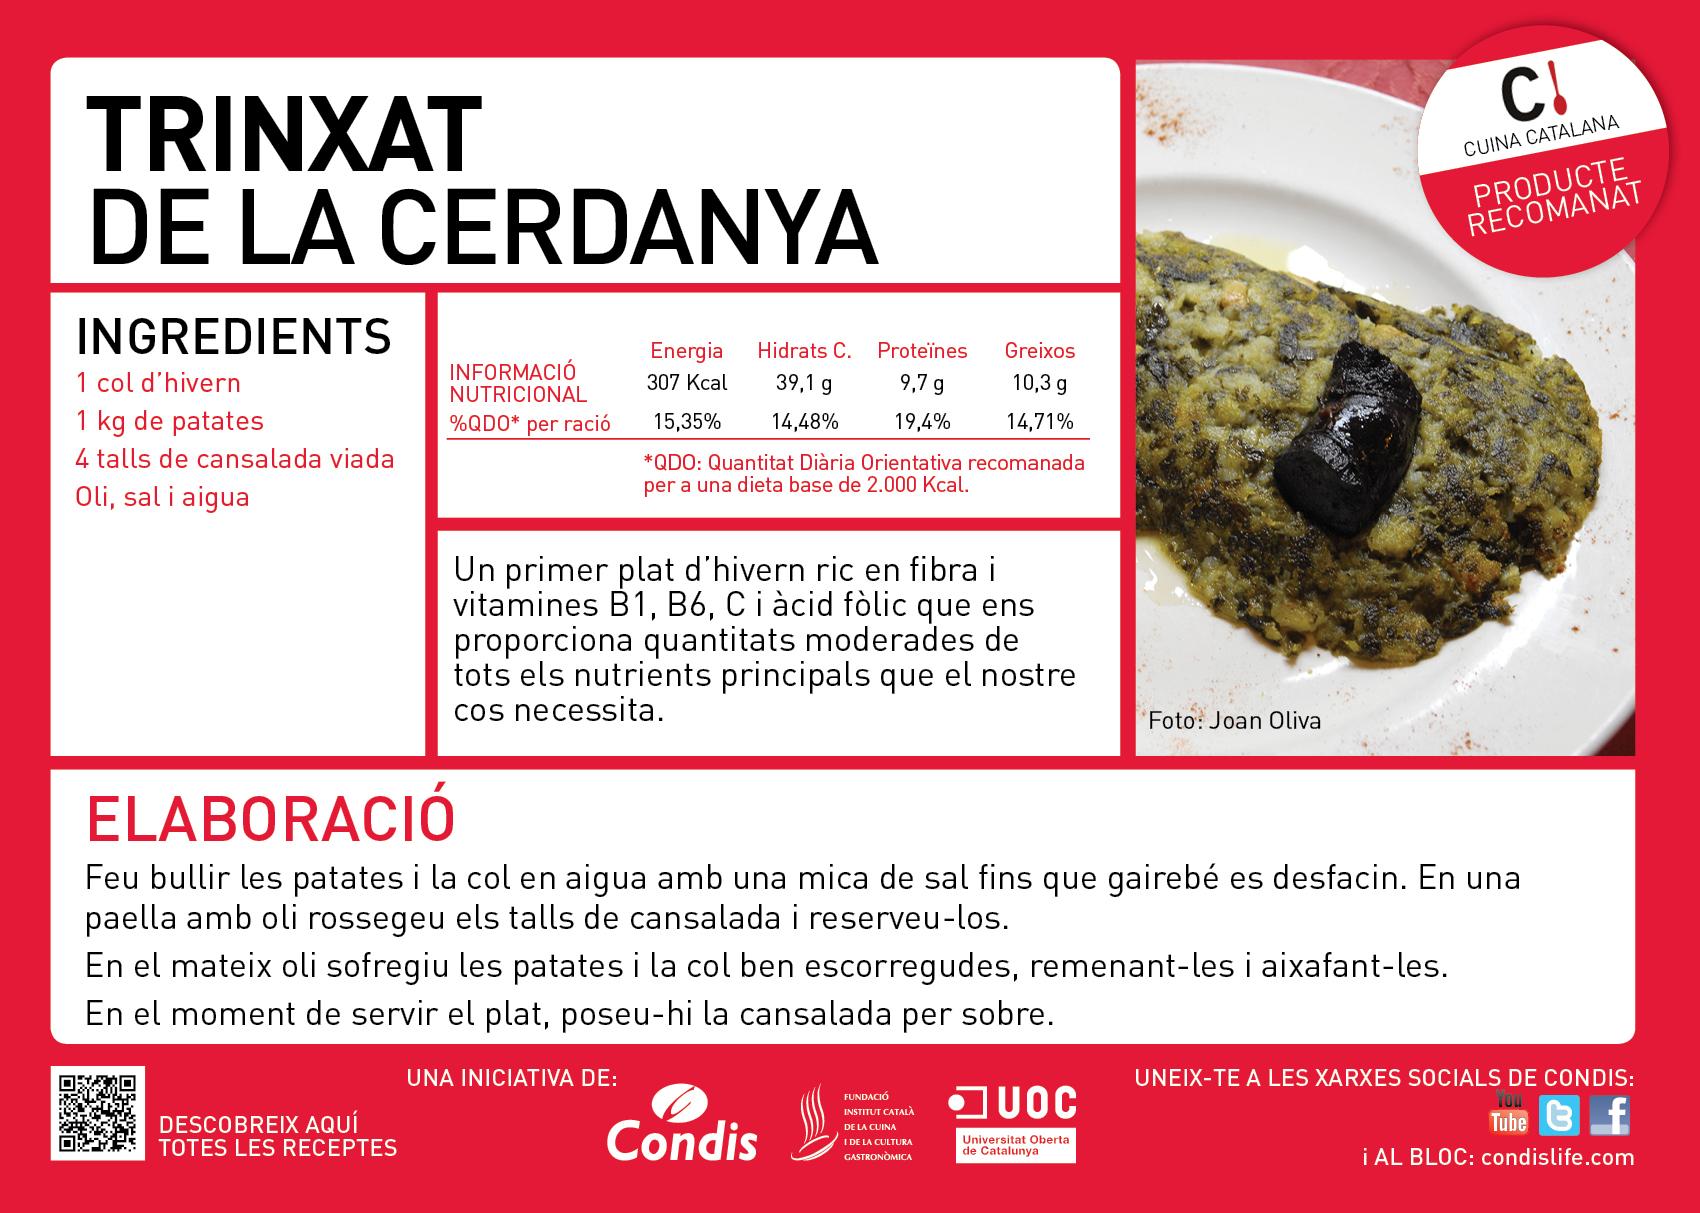 receptes de gener per participar al concurs de cuina